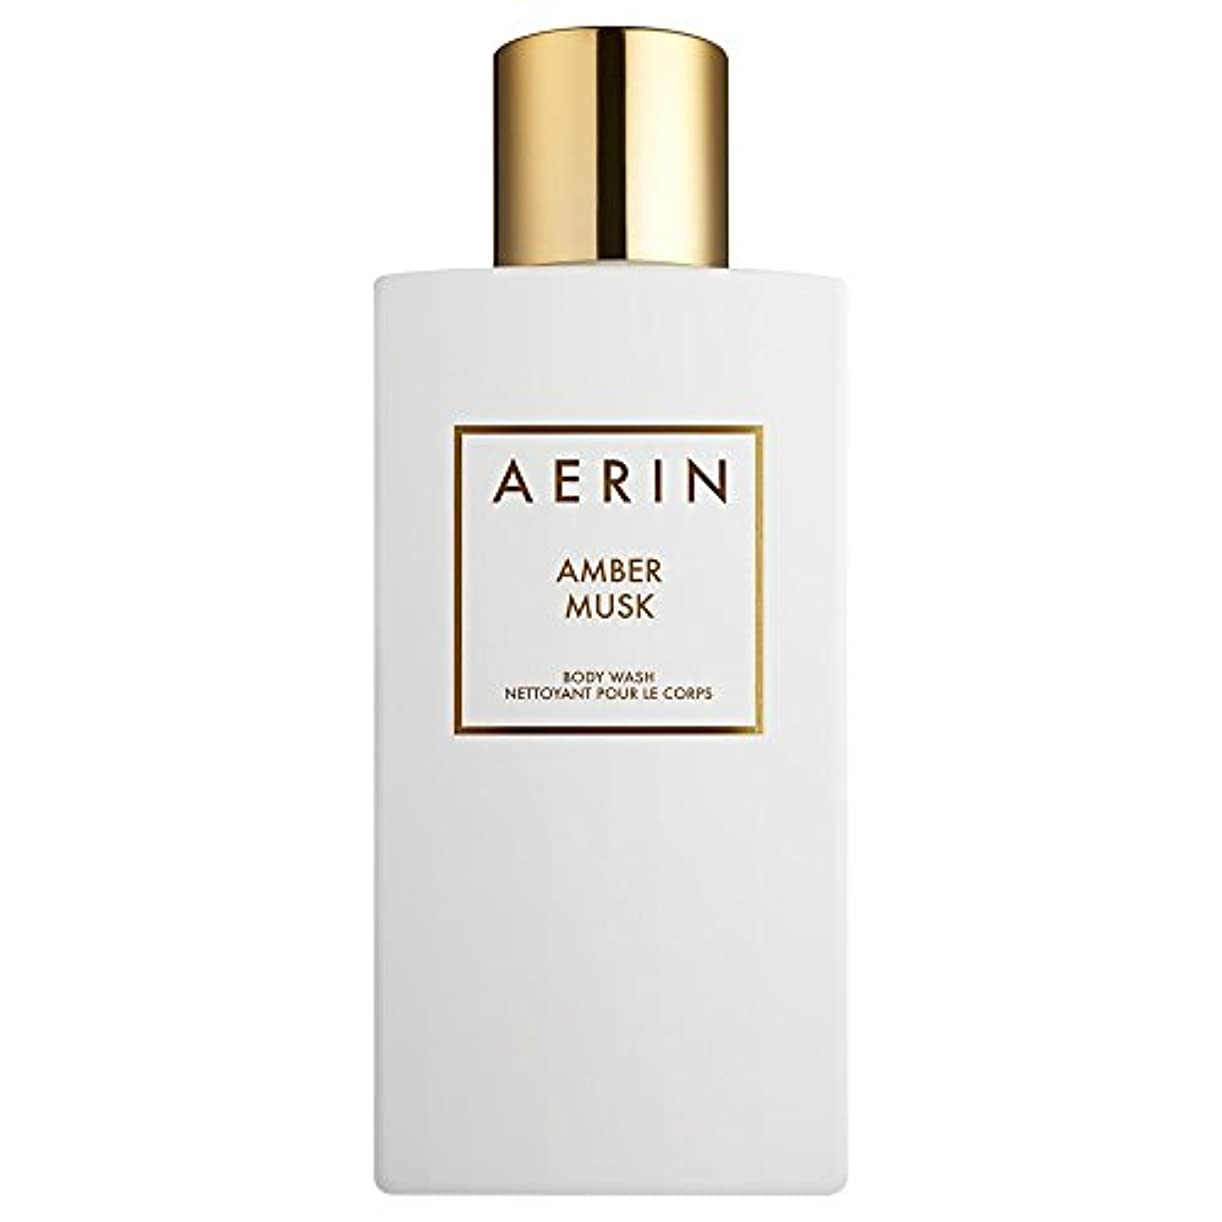 スキム冒険家大学Aerinアンバームスクボディウォッシュ225ミリリットル (AERIN) (x2) - AERIN Amber Musk Bodywash 225ml (Pack of 2) [並行輸入品]